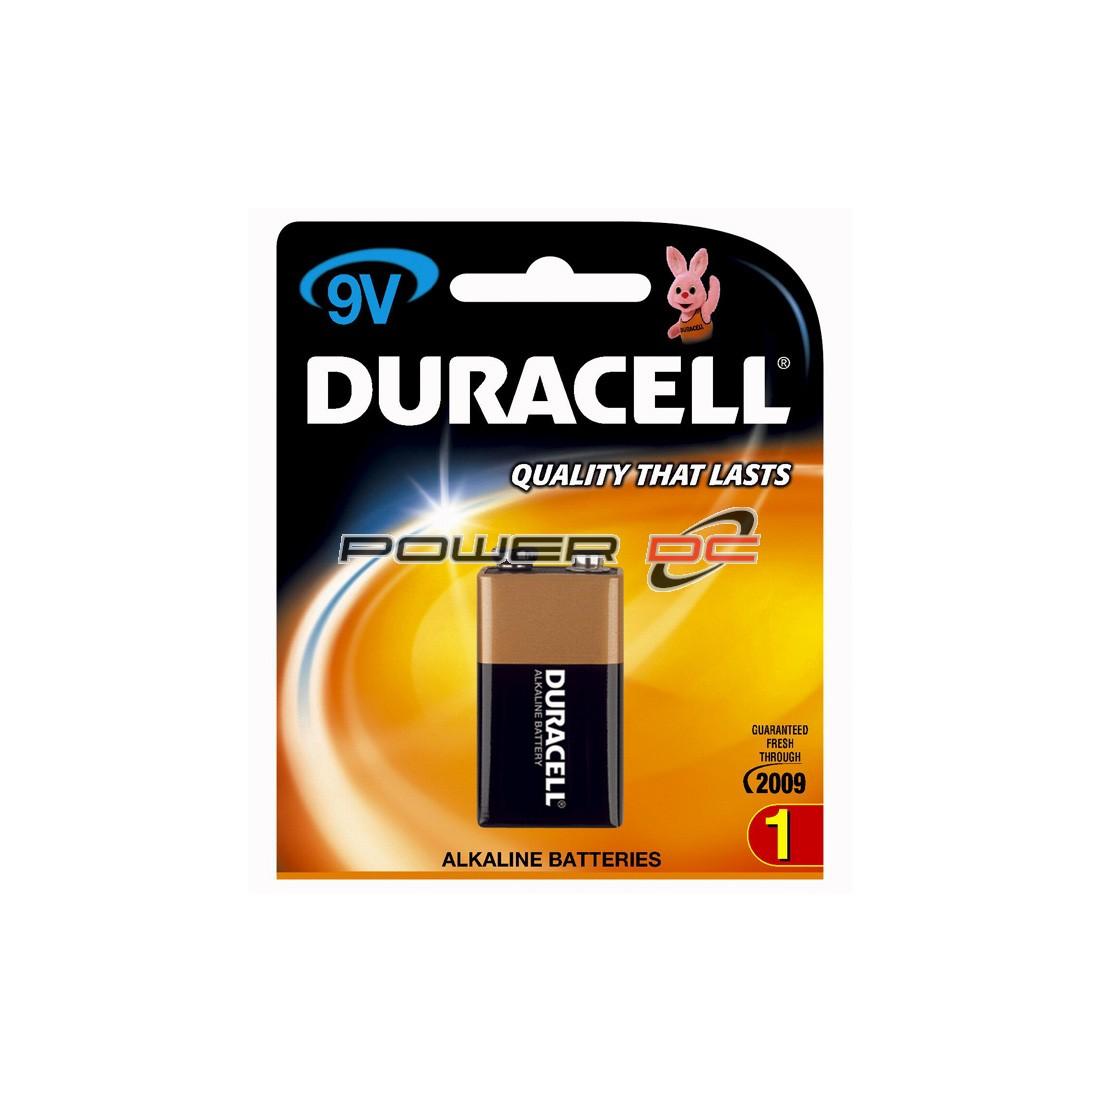 DURACELL 9.0V SQUARE ALK